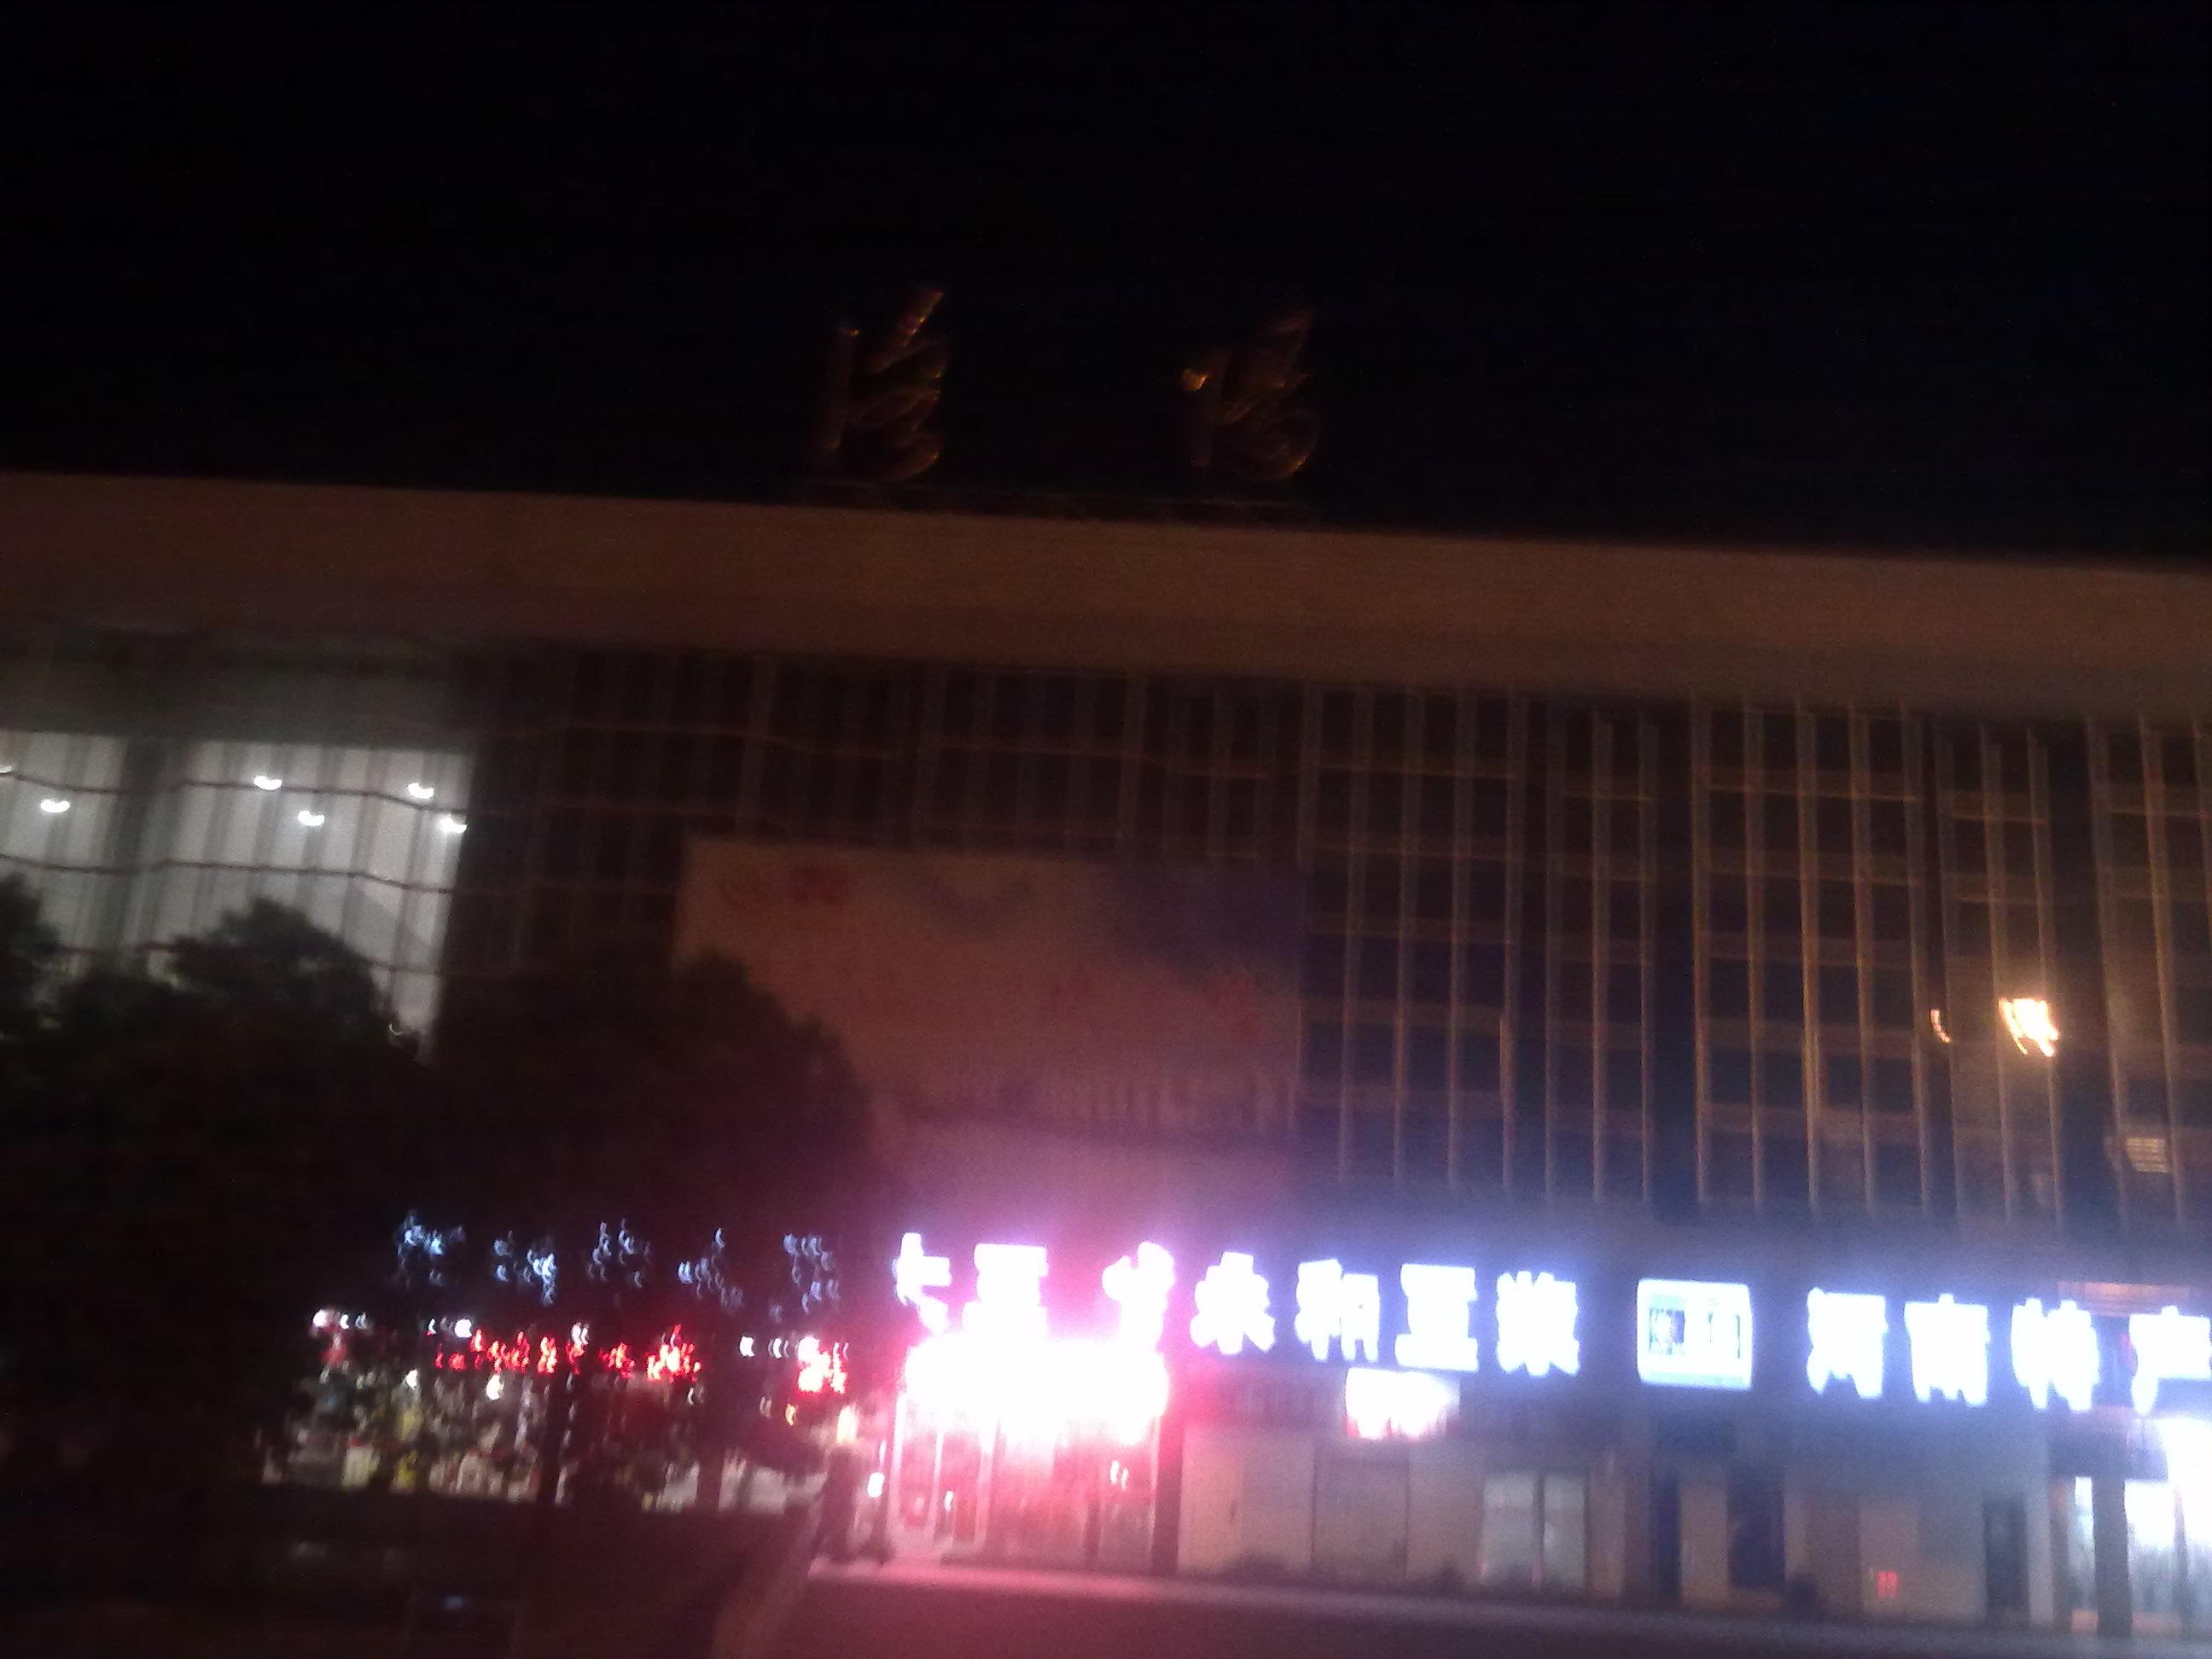 洛阳火车站求偶遇 洛阳火车站, agri.com.cn 高清图片